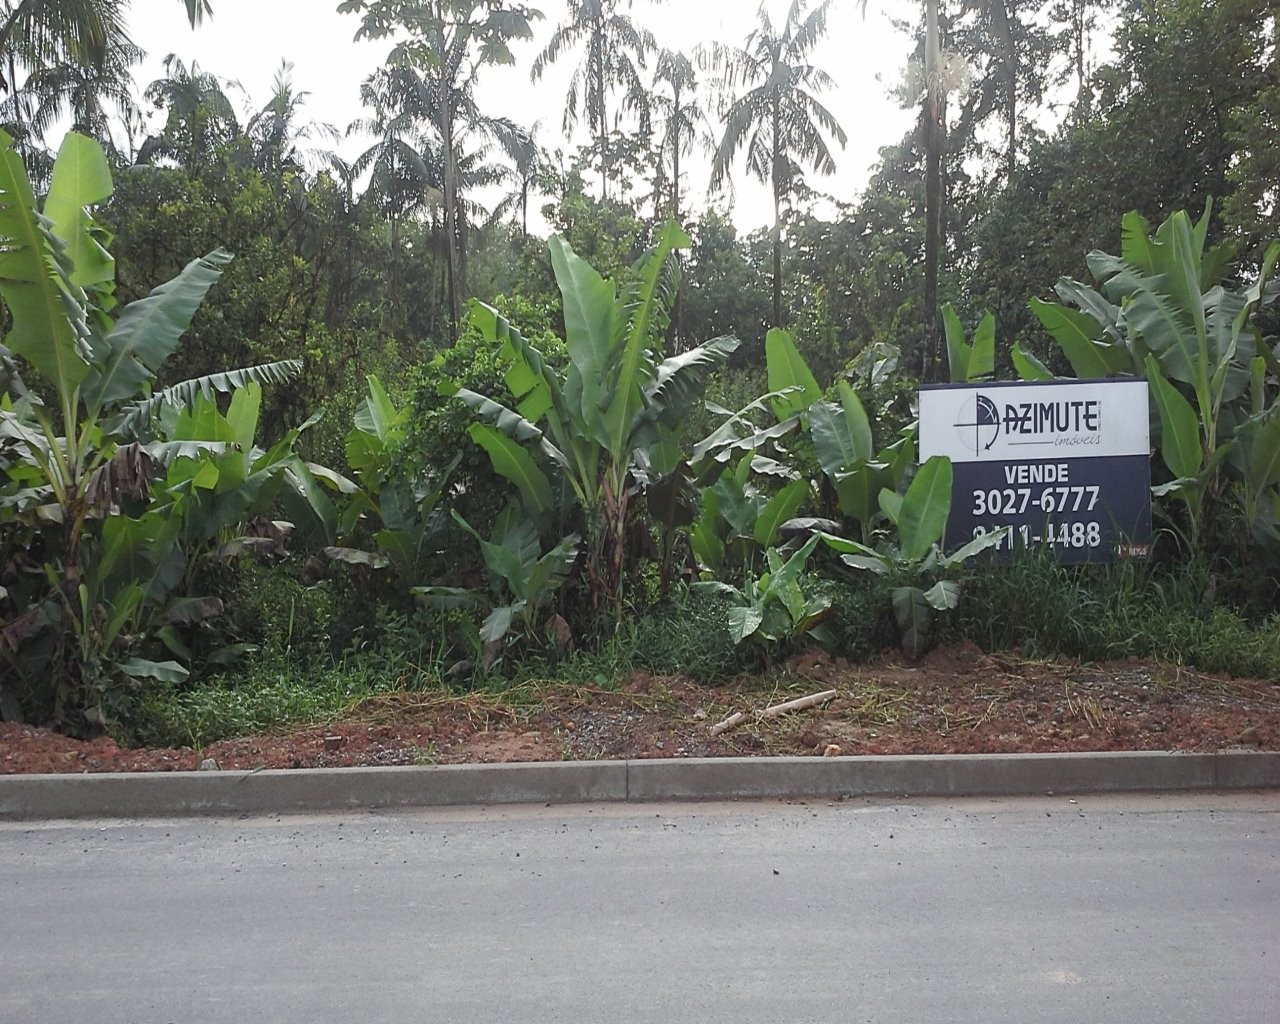 comprar ou alugar terreno no bairro vila nova na cidade de joinville-sc